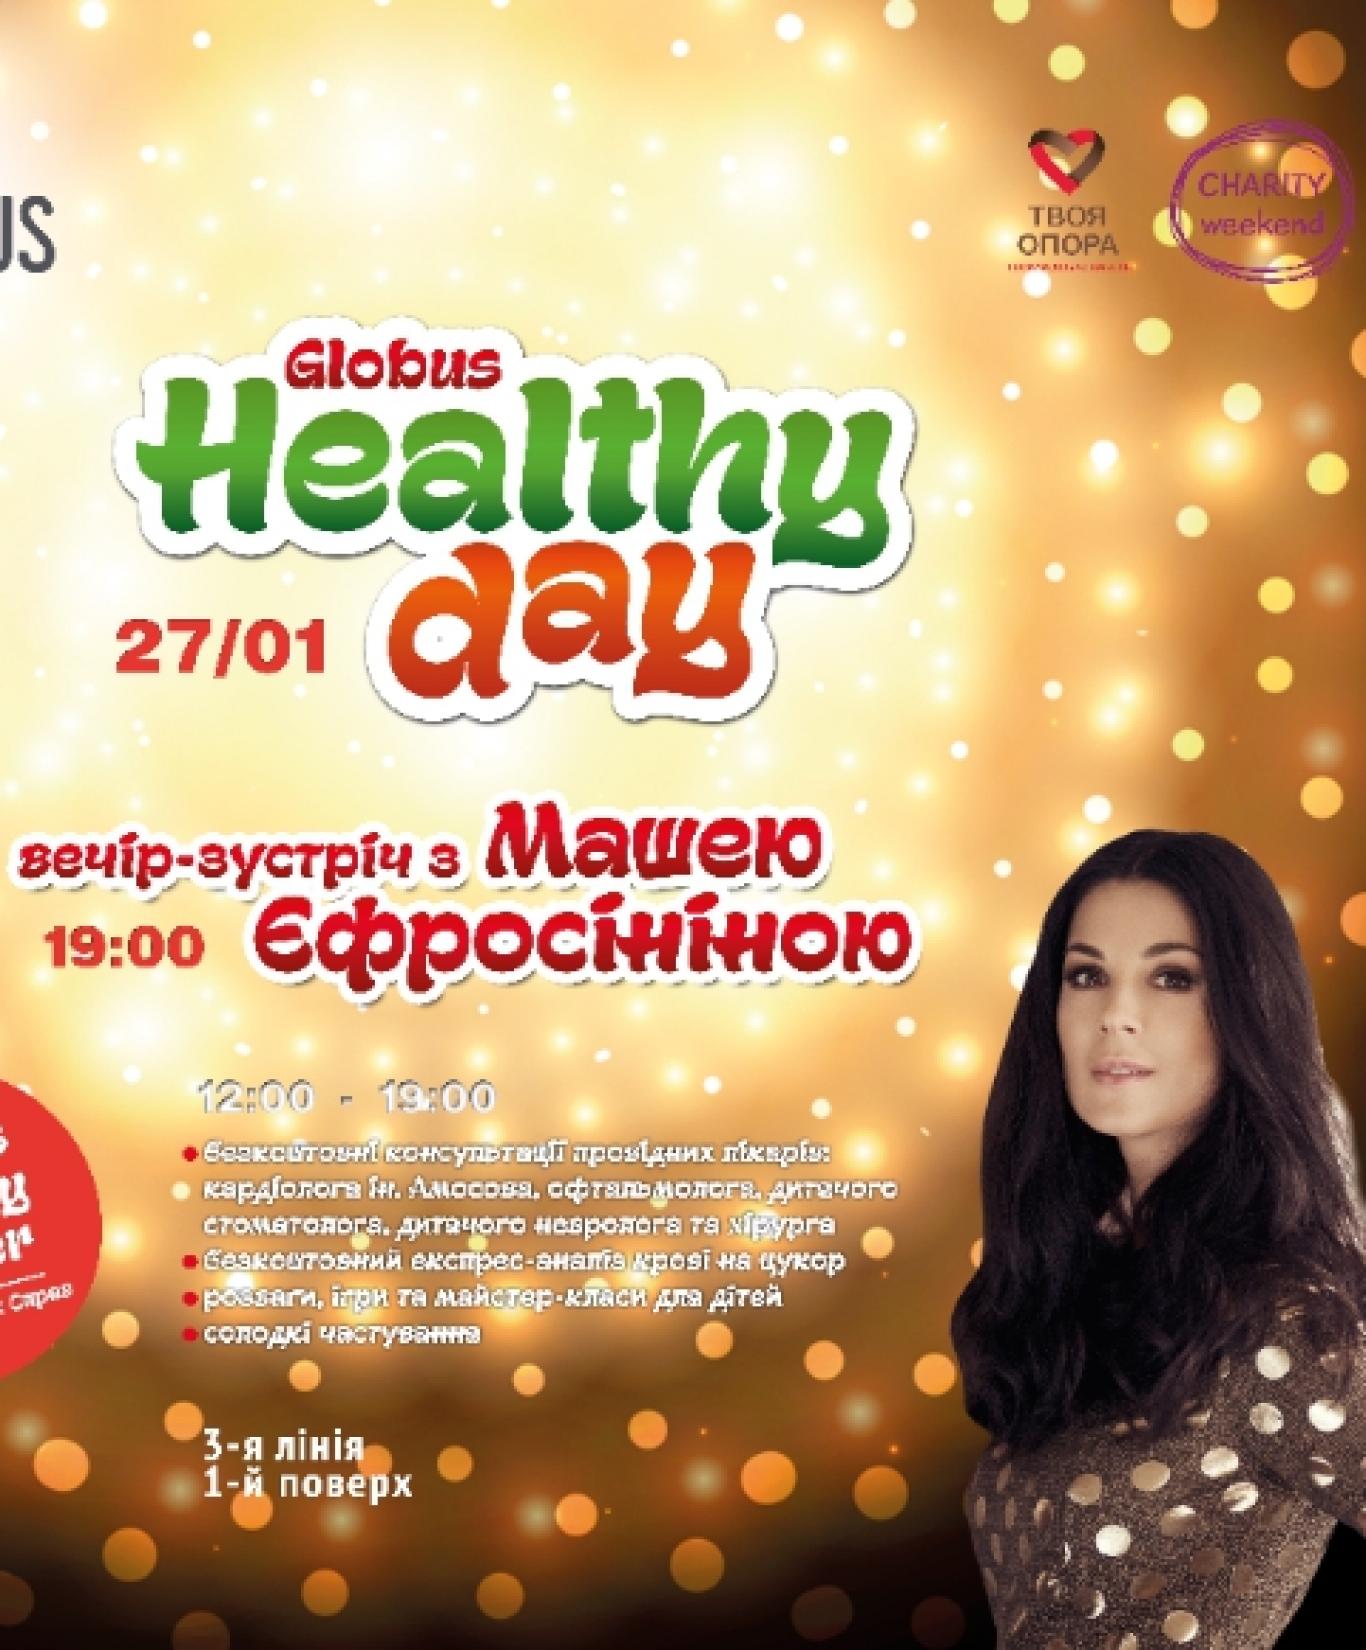 Healthy Day в ТЦ Globus: зустріч з Машею Єфросініною та консультації лікарів